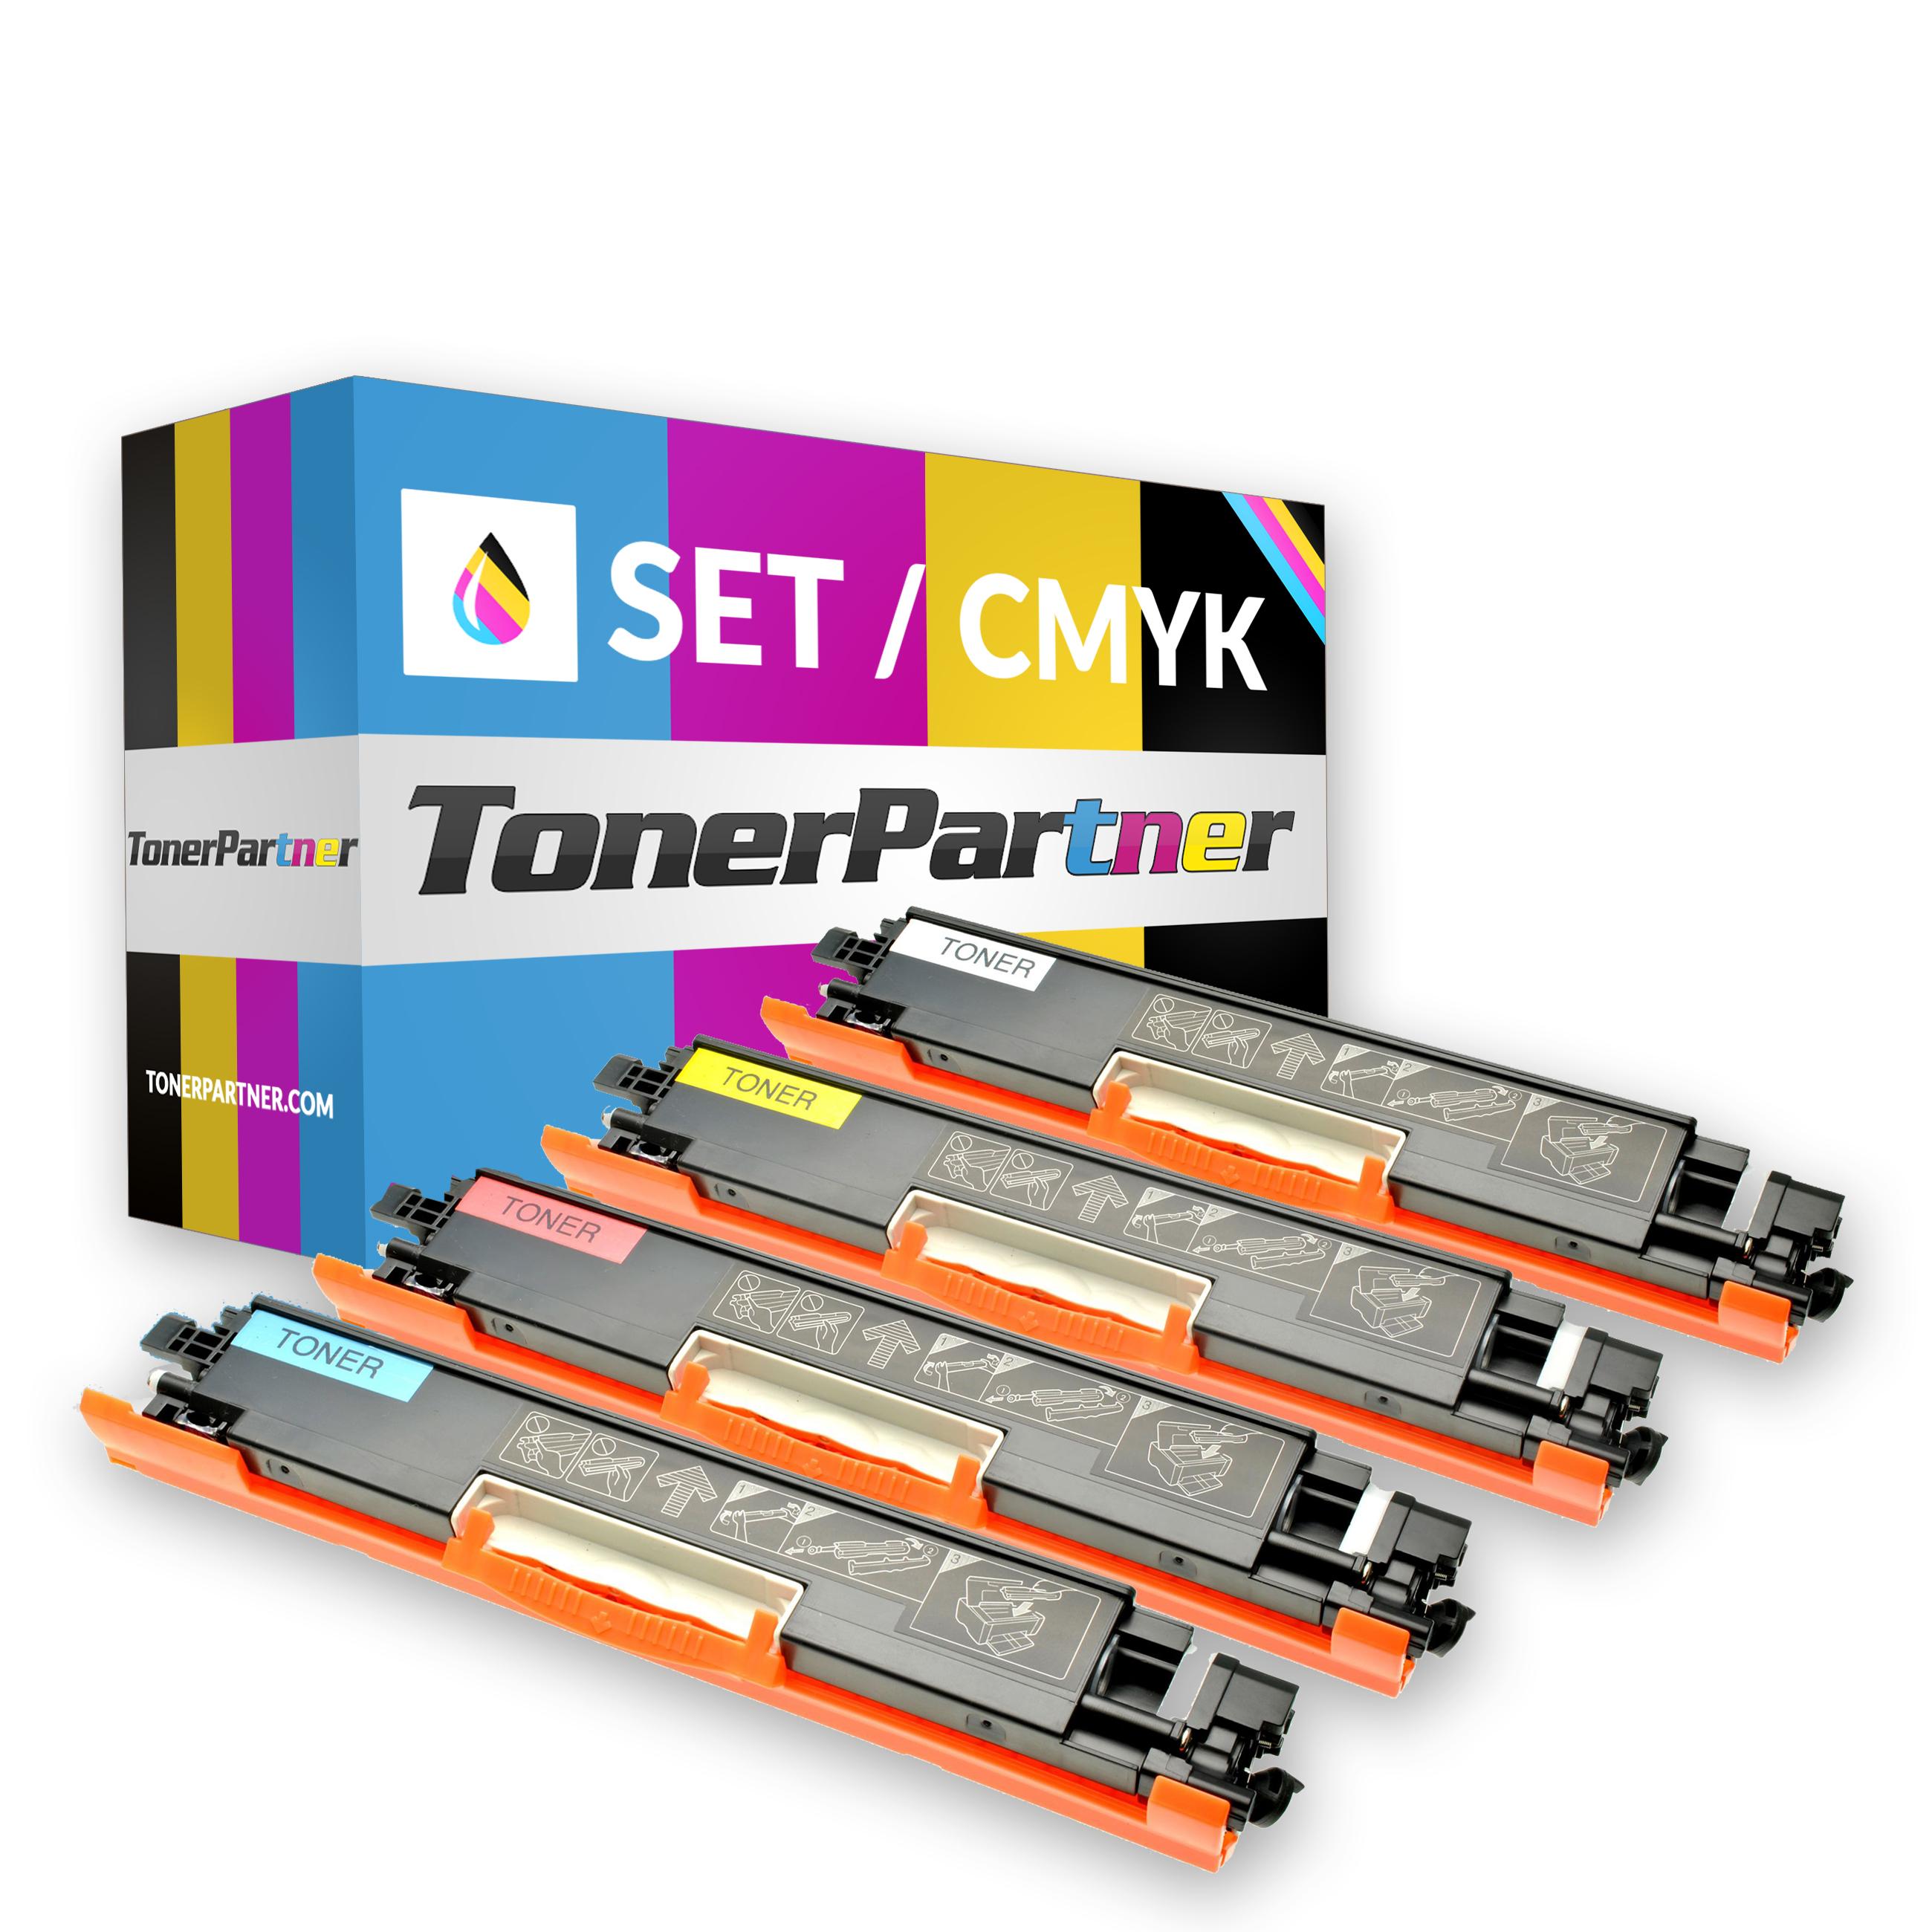 Kompatibel zu HP CE310A / CE311A / CE312A / CE313A Tonerkartusche multipack